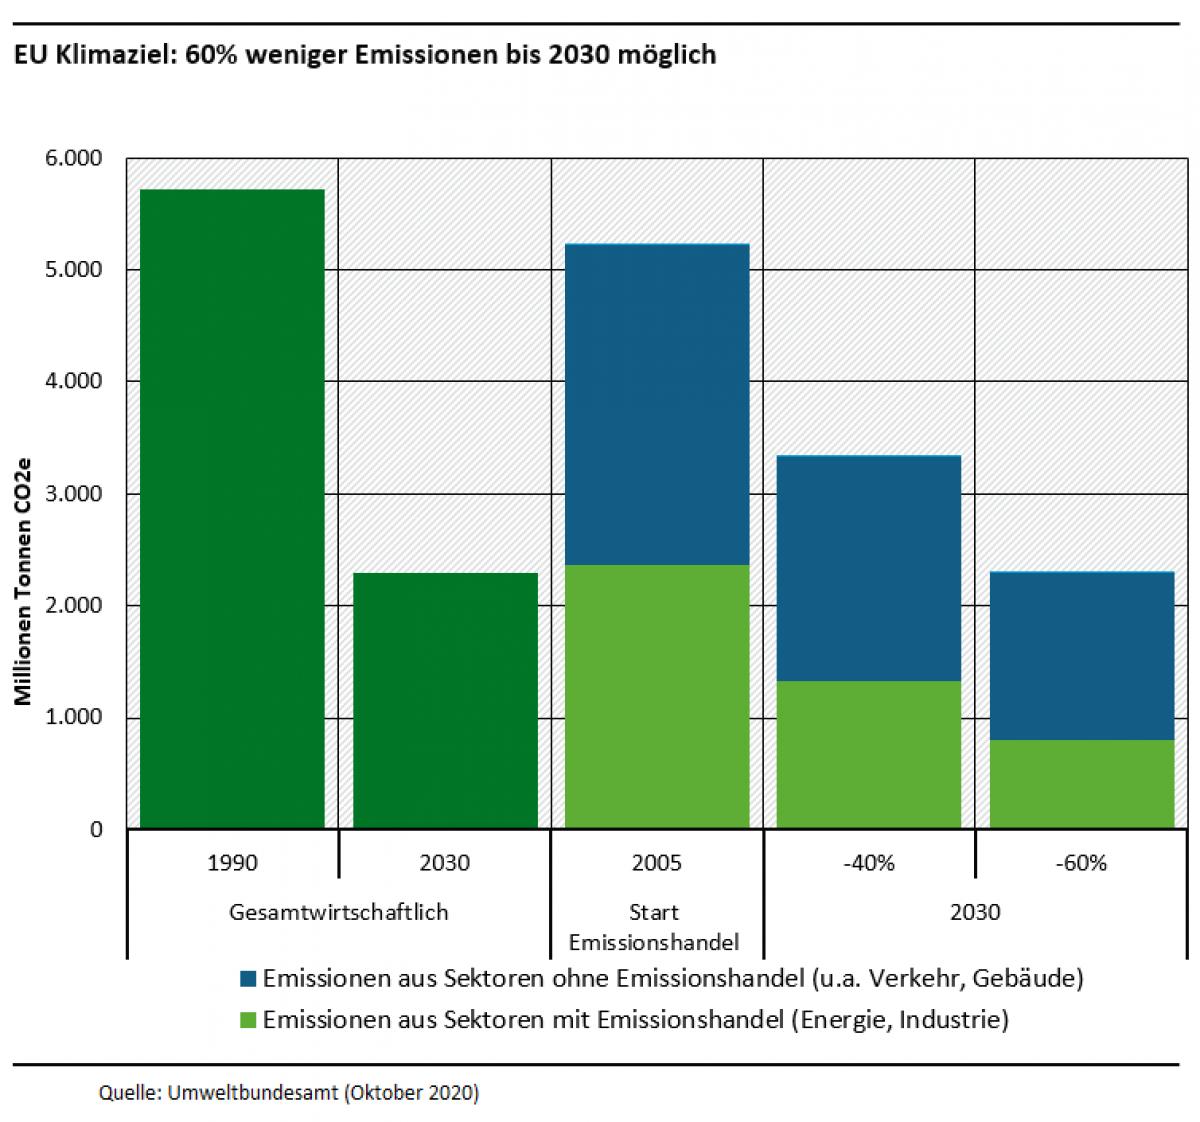 Infografik: Die Emissionen betrugen 1990 5.722,89 Millionen Tonnen CO2e und könnten bis 2030 um 60 Prozent auf 1.301,96 in Sektoren ohne Emissionshandel (u.a. Verkehr, Gebäude) und 701,05 in Sektoren mit Emissionshandel (Energie, Industrie) gesenkt werden.